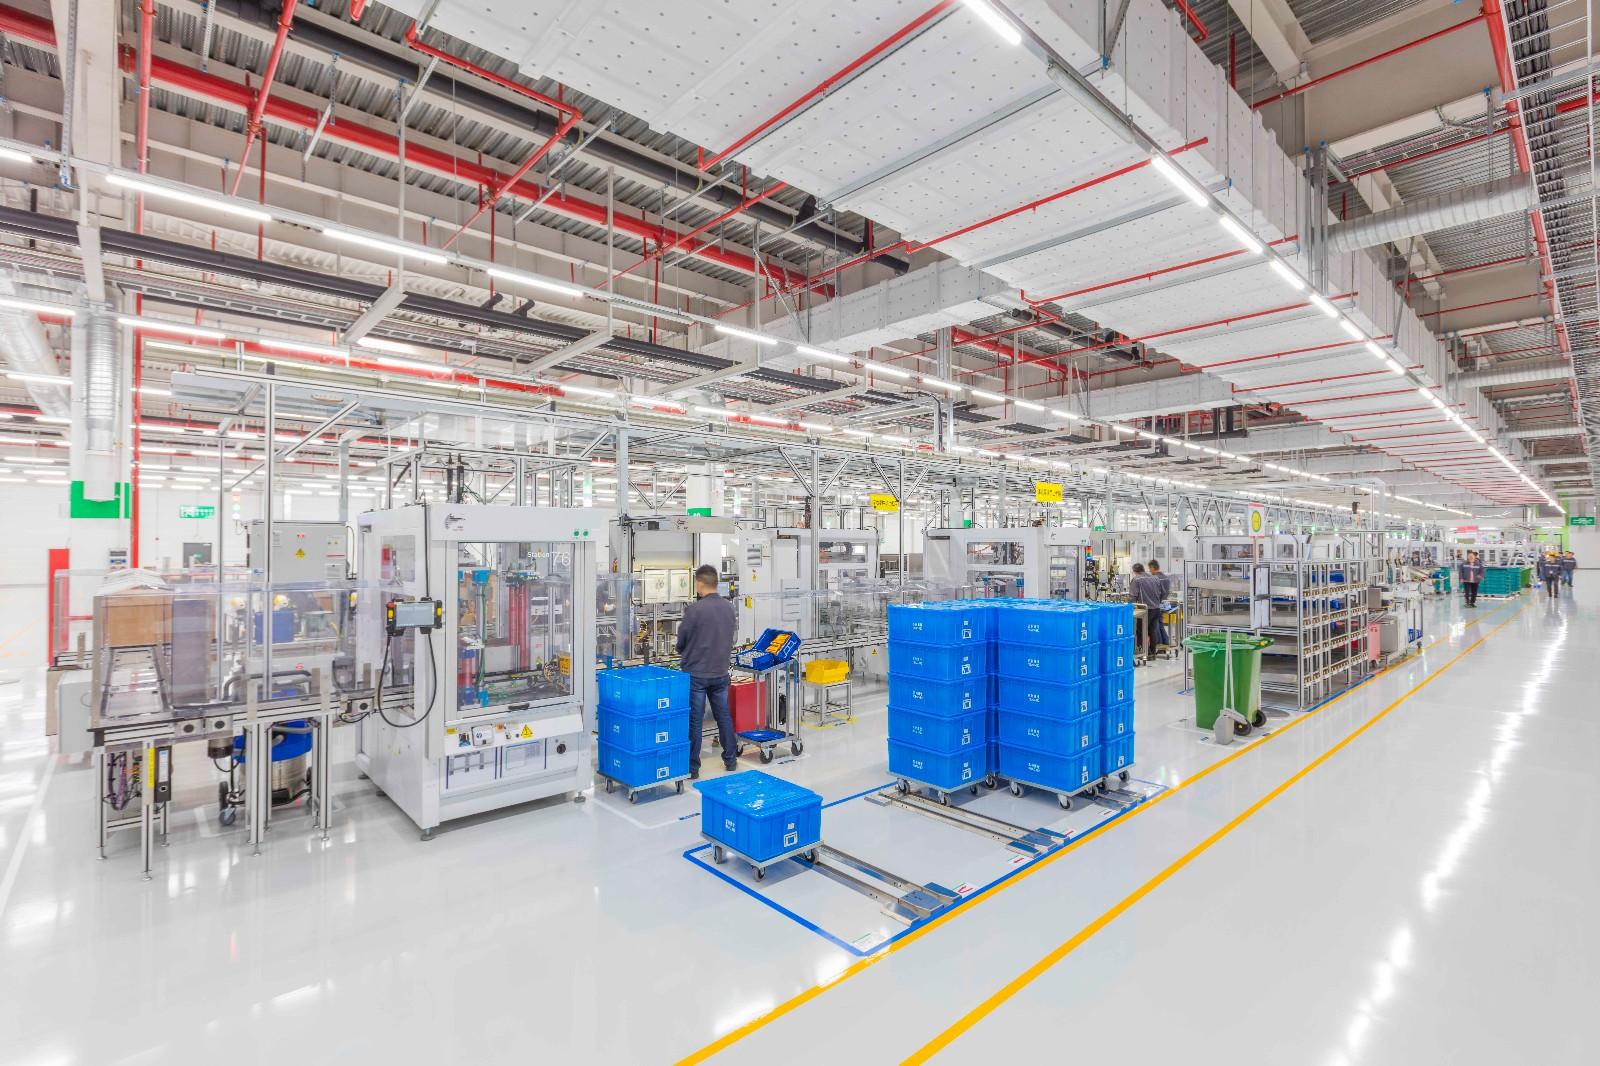 南京智能助力器生产基地依照工业4.0标准设计